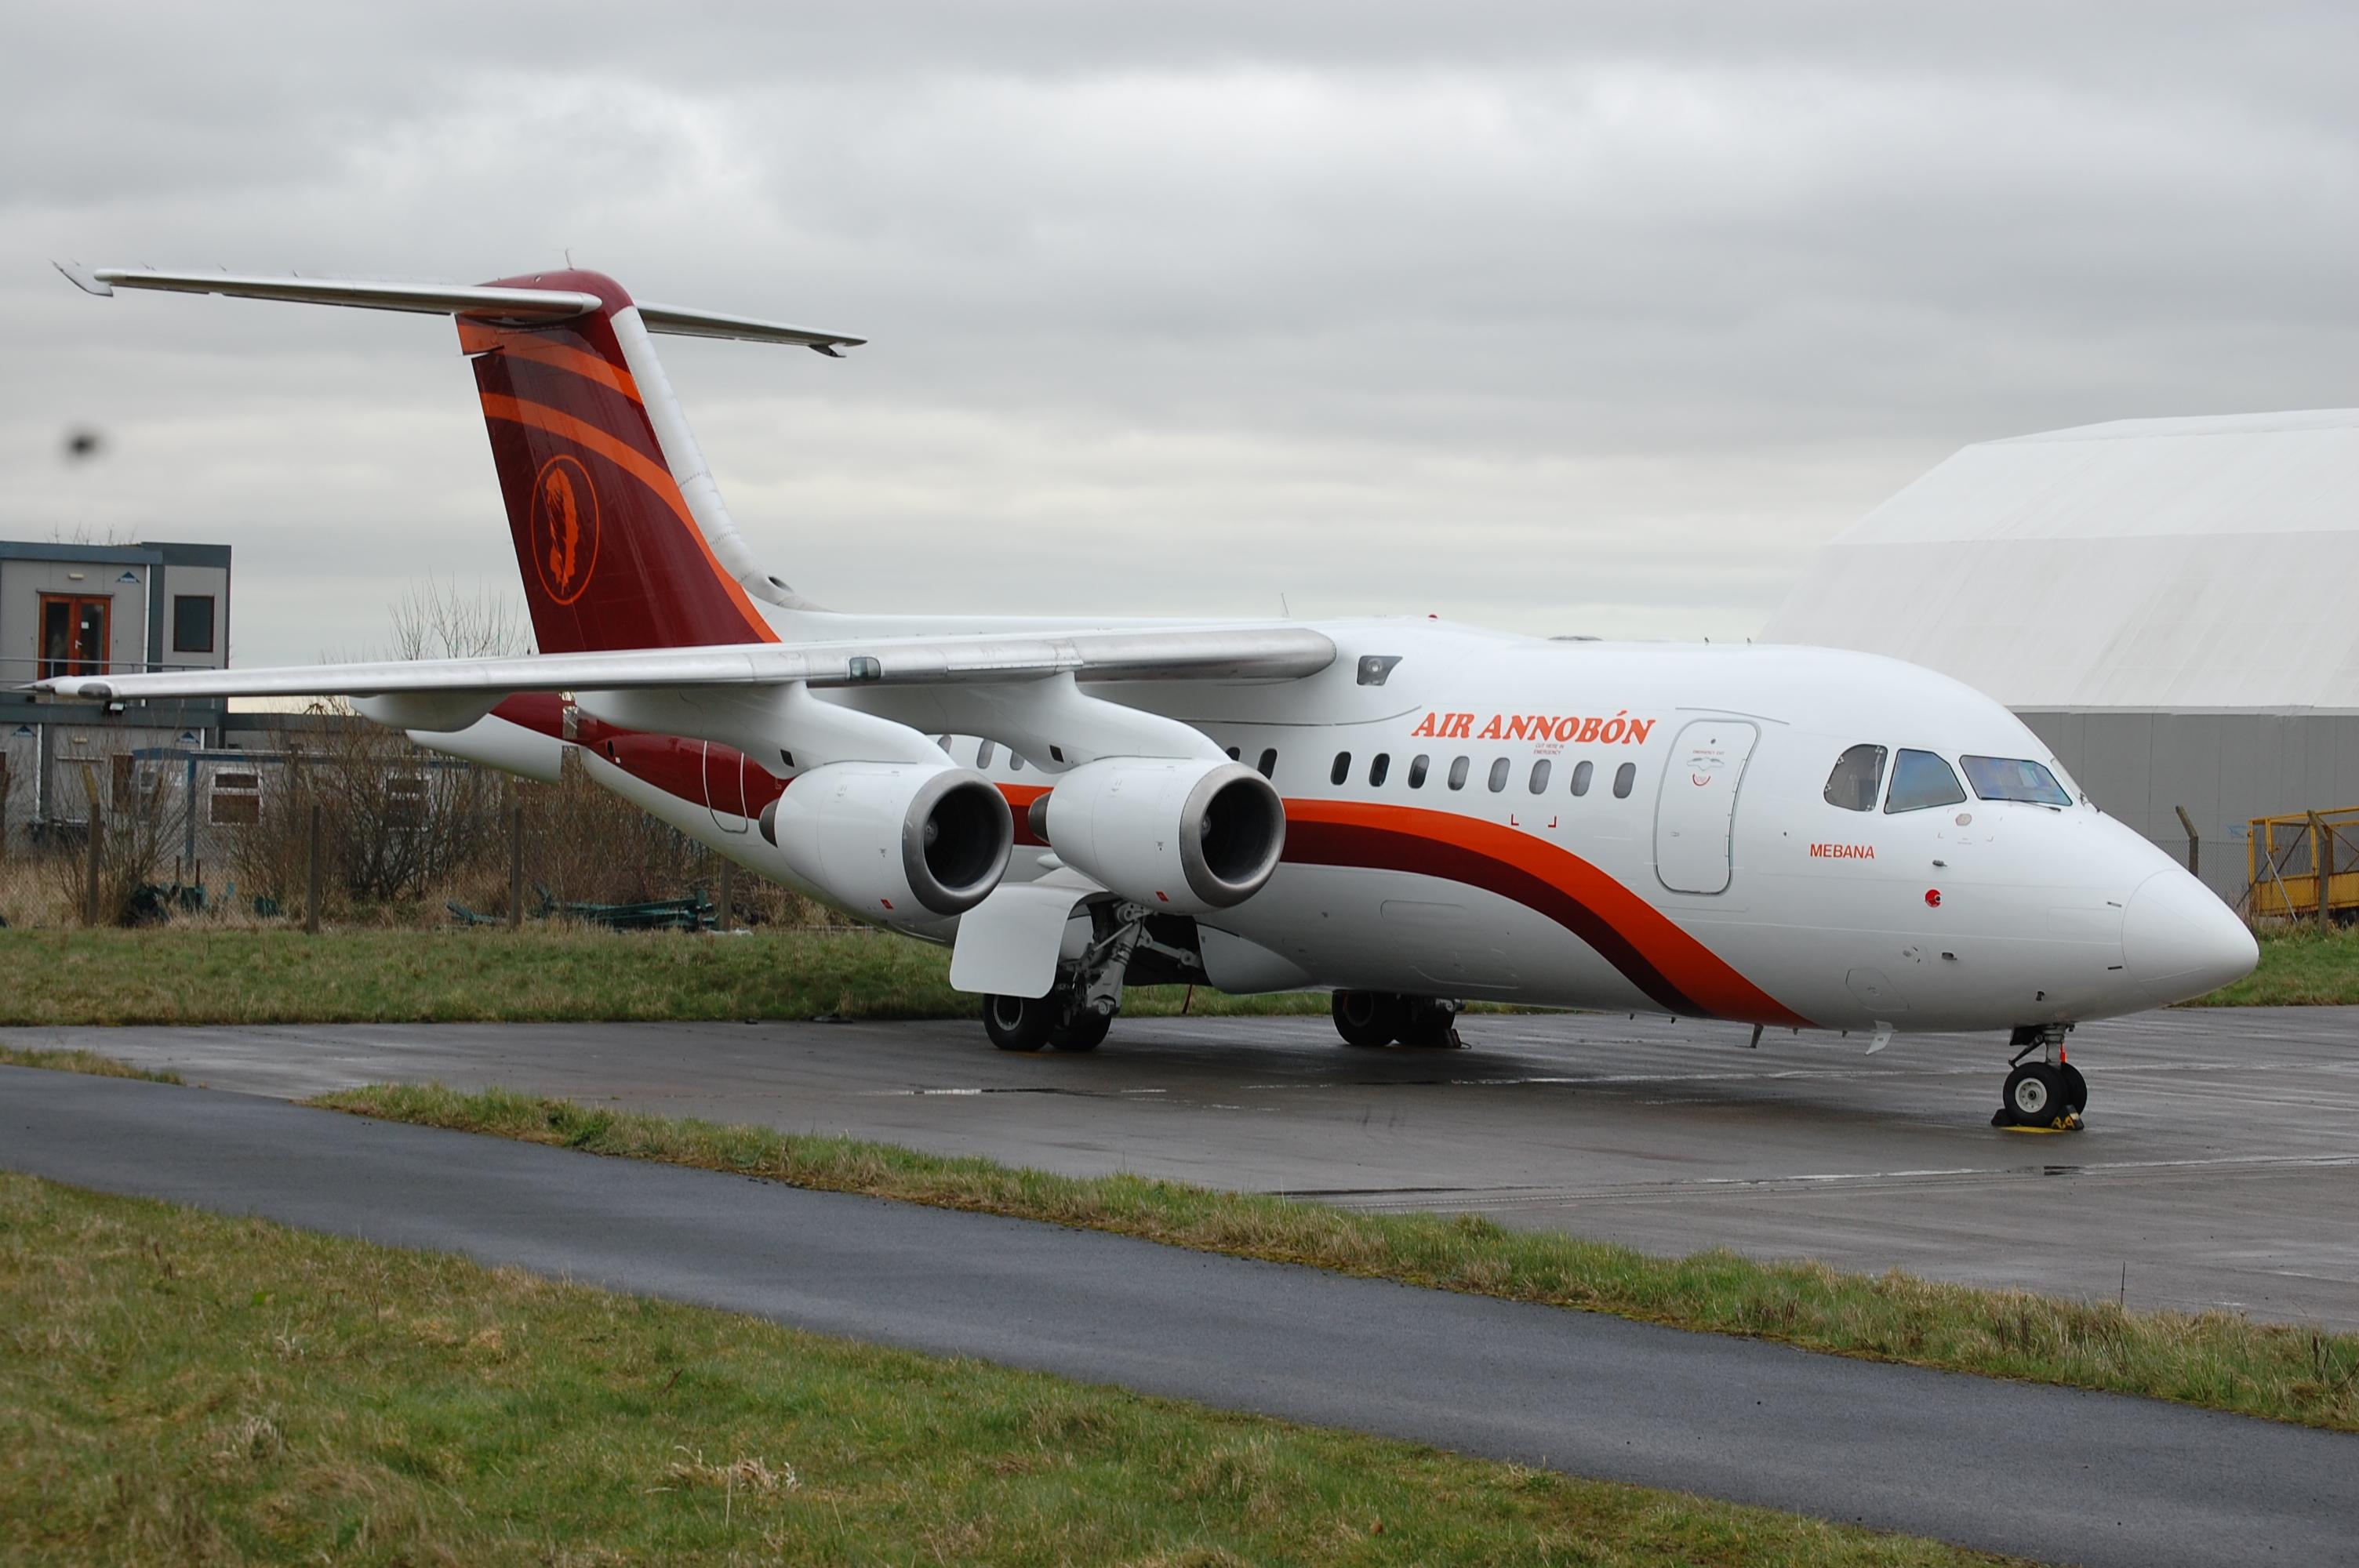 Dublin 2014_0065 EI-RJS RJ-85----Air Annobon, Aircraft, Airliner, Airplane, Dublin, HQ Photo